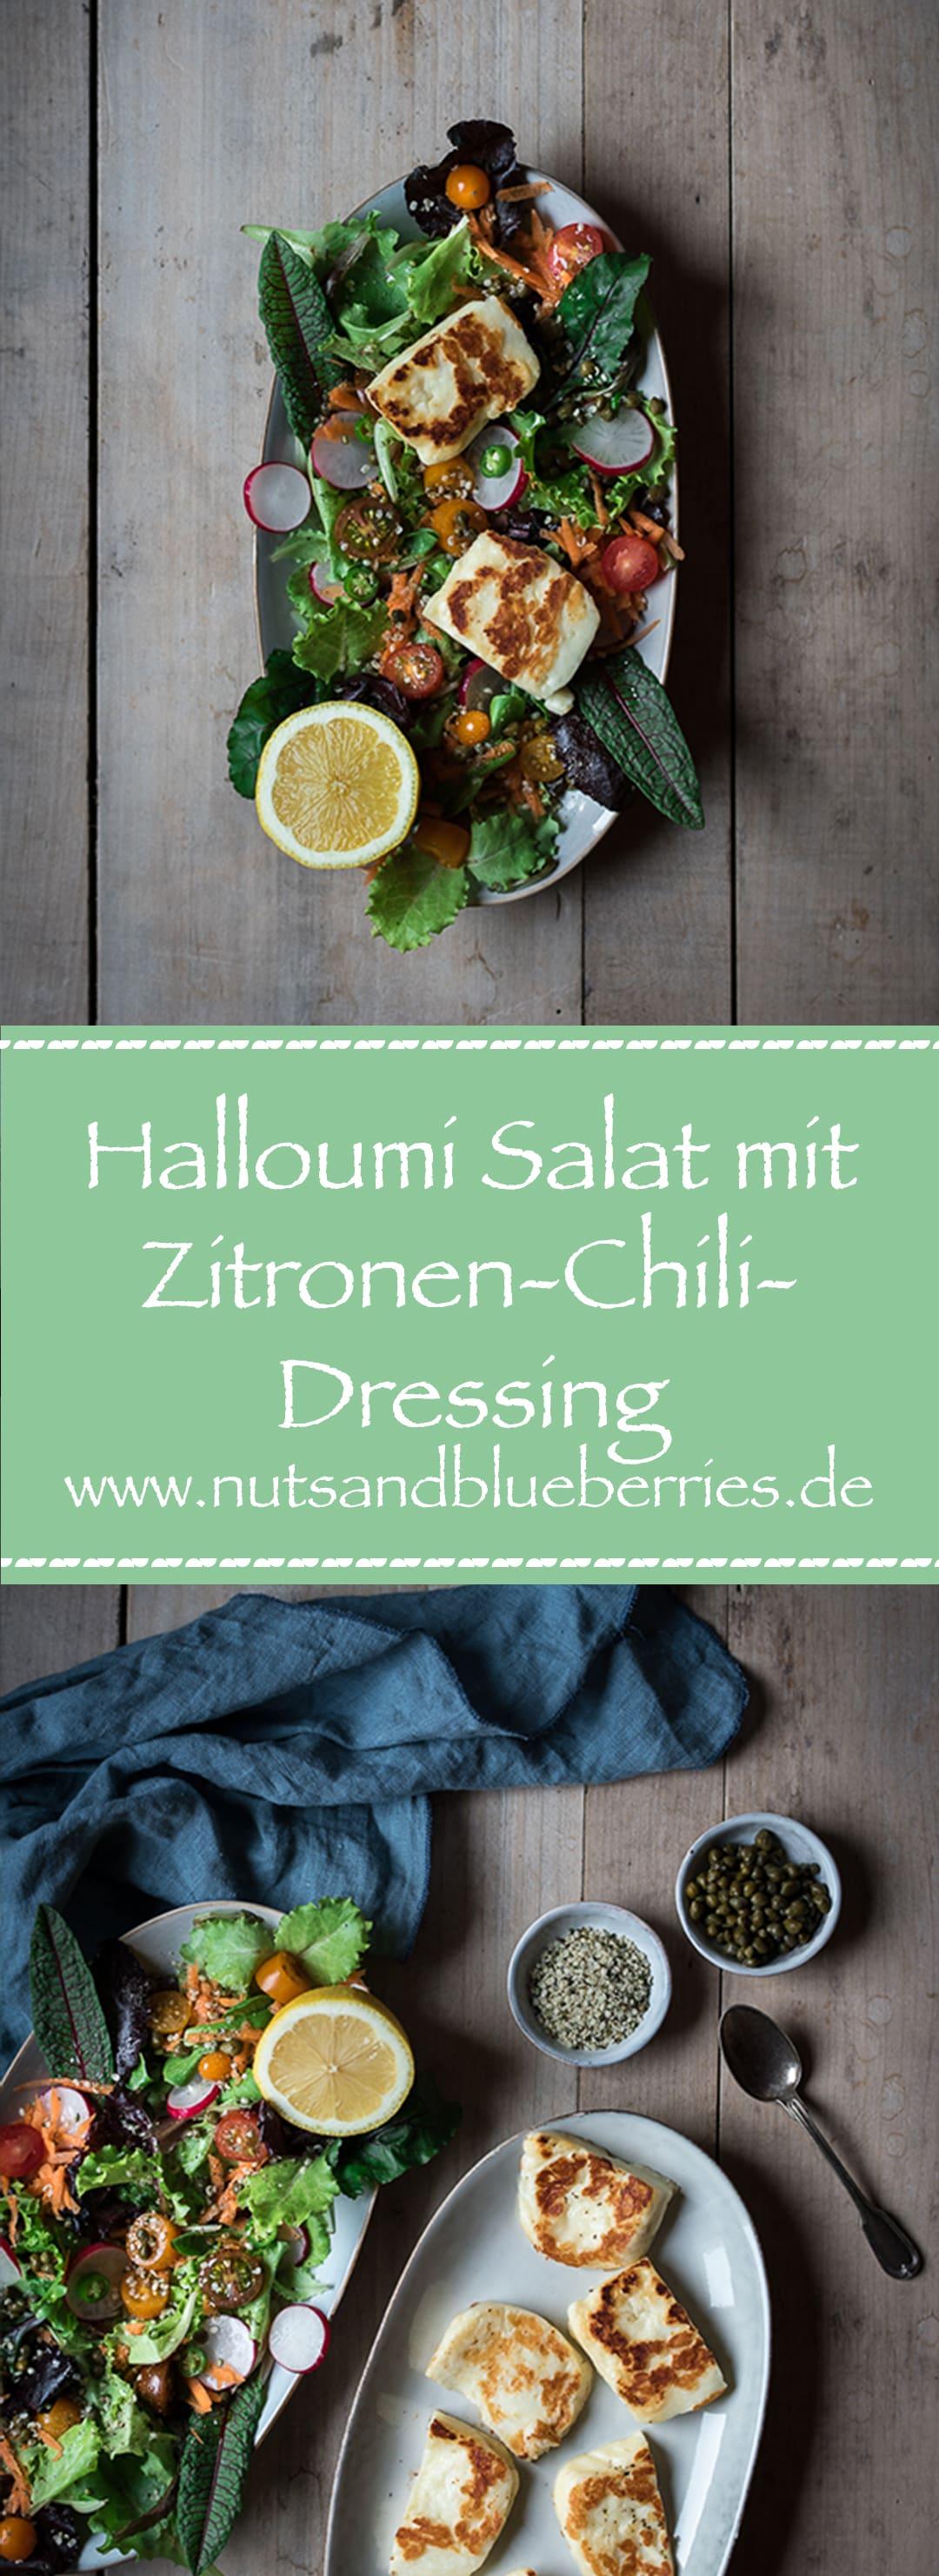 Halloumi Salat